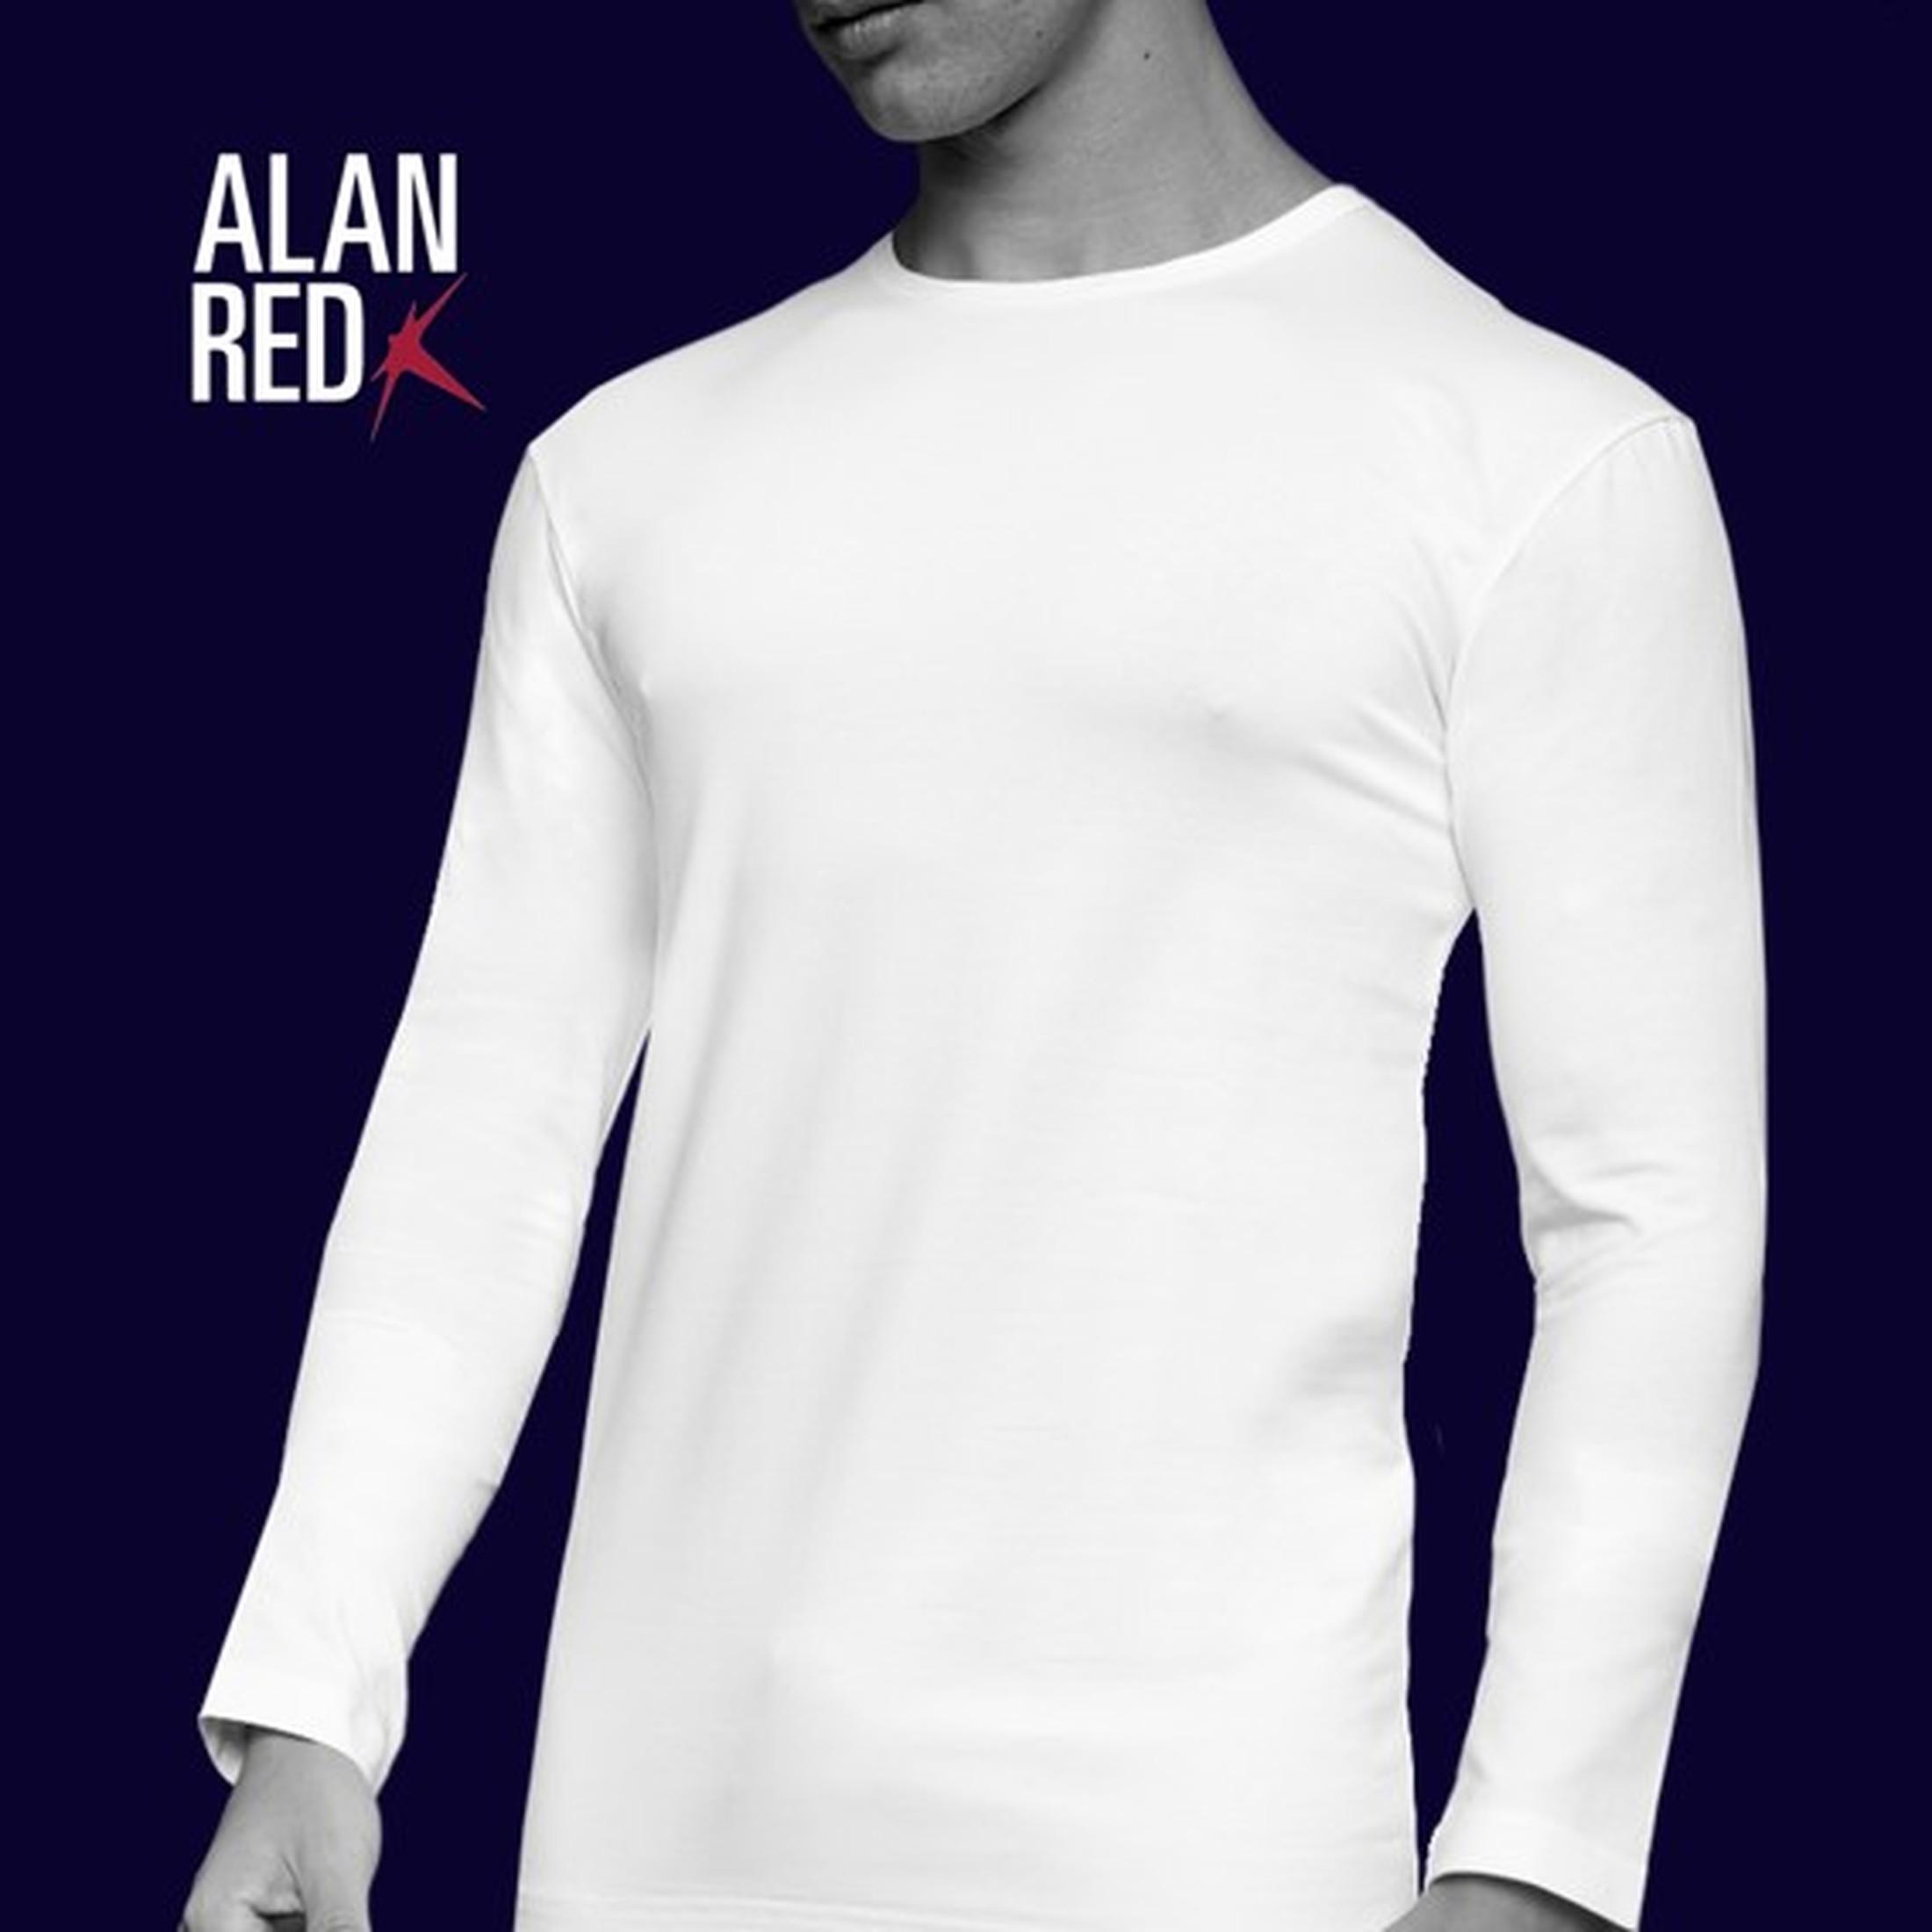 Alan Red Olbia Longsleeve White 1-Pack